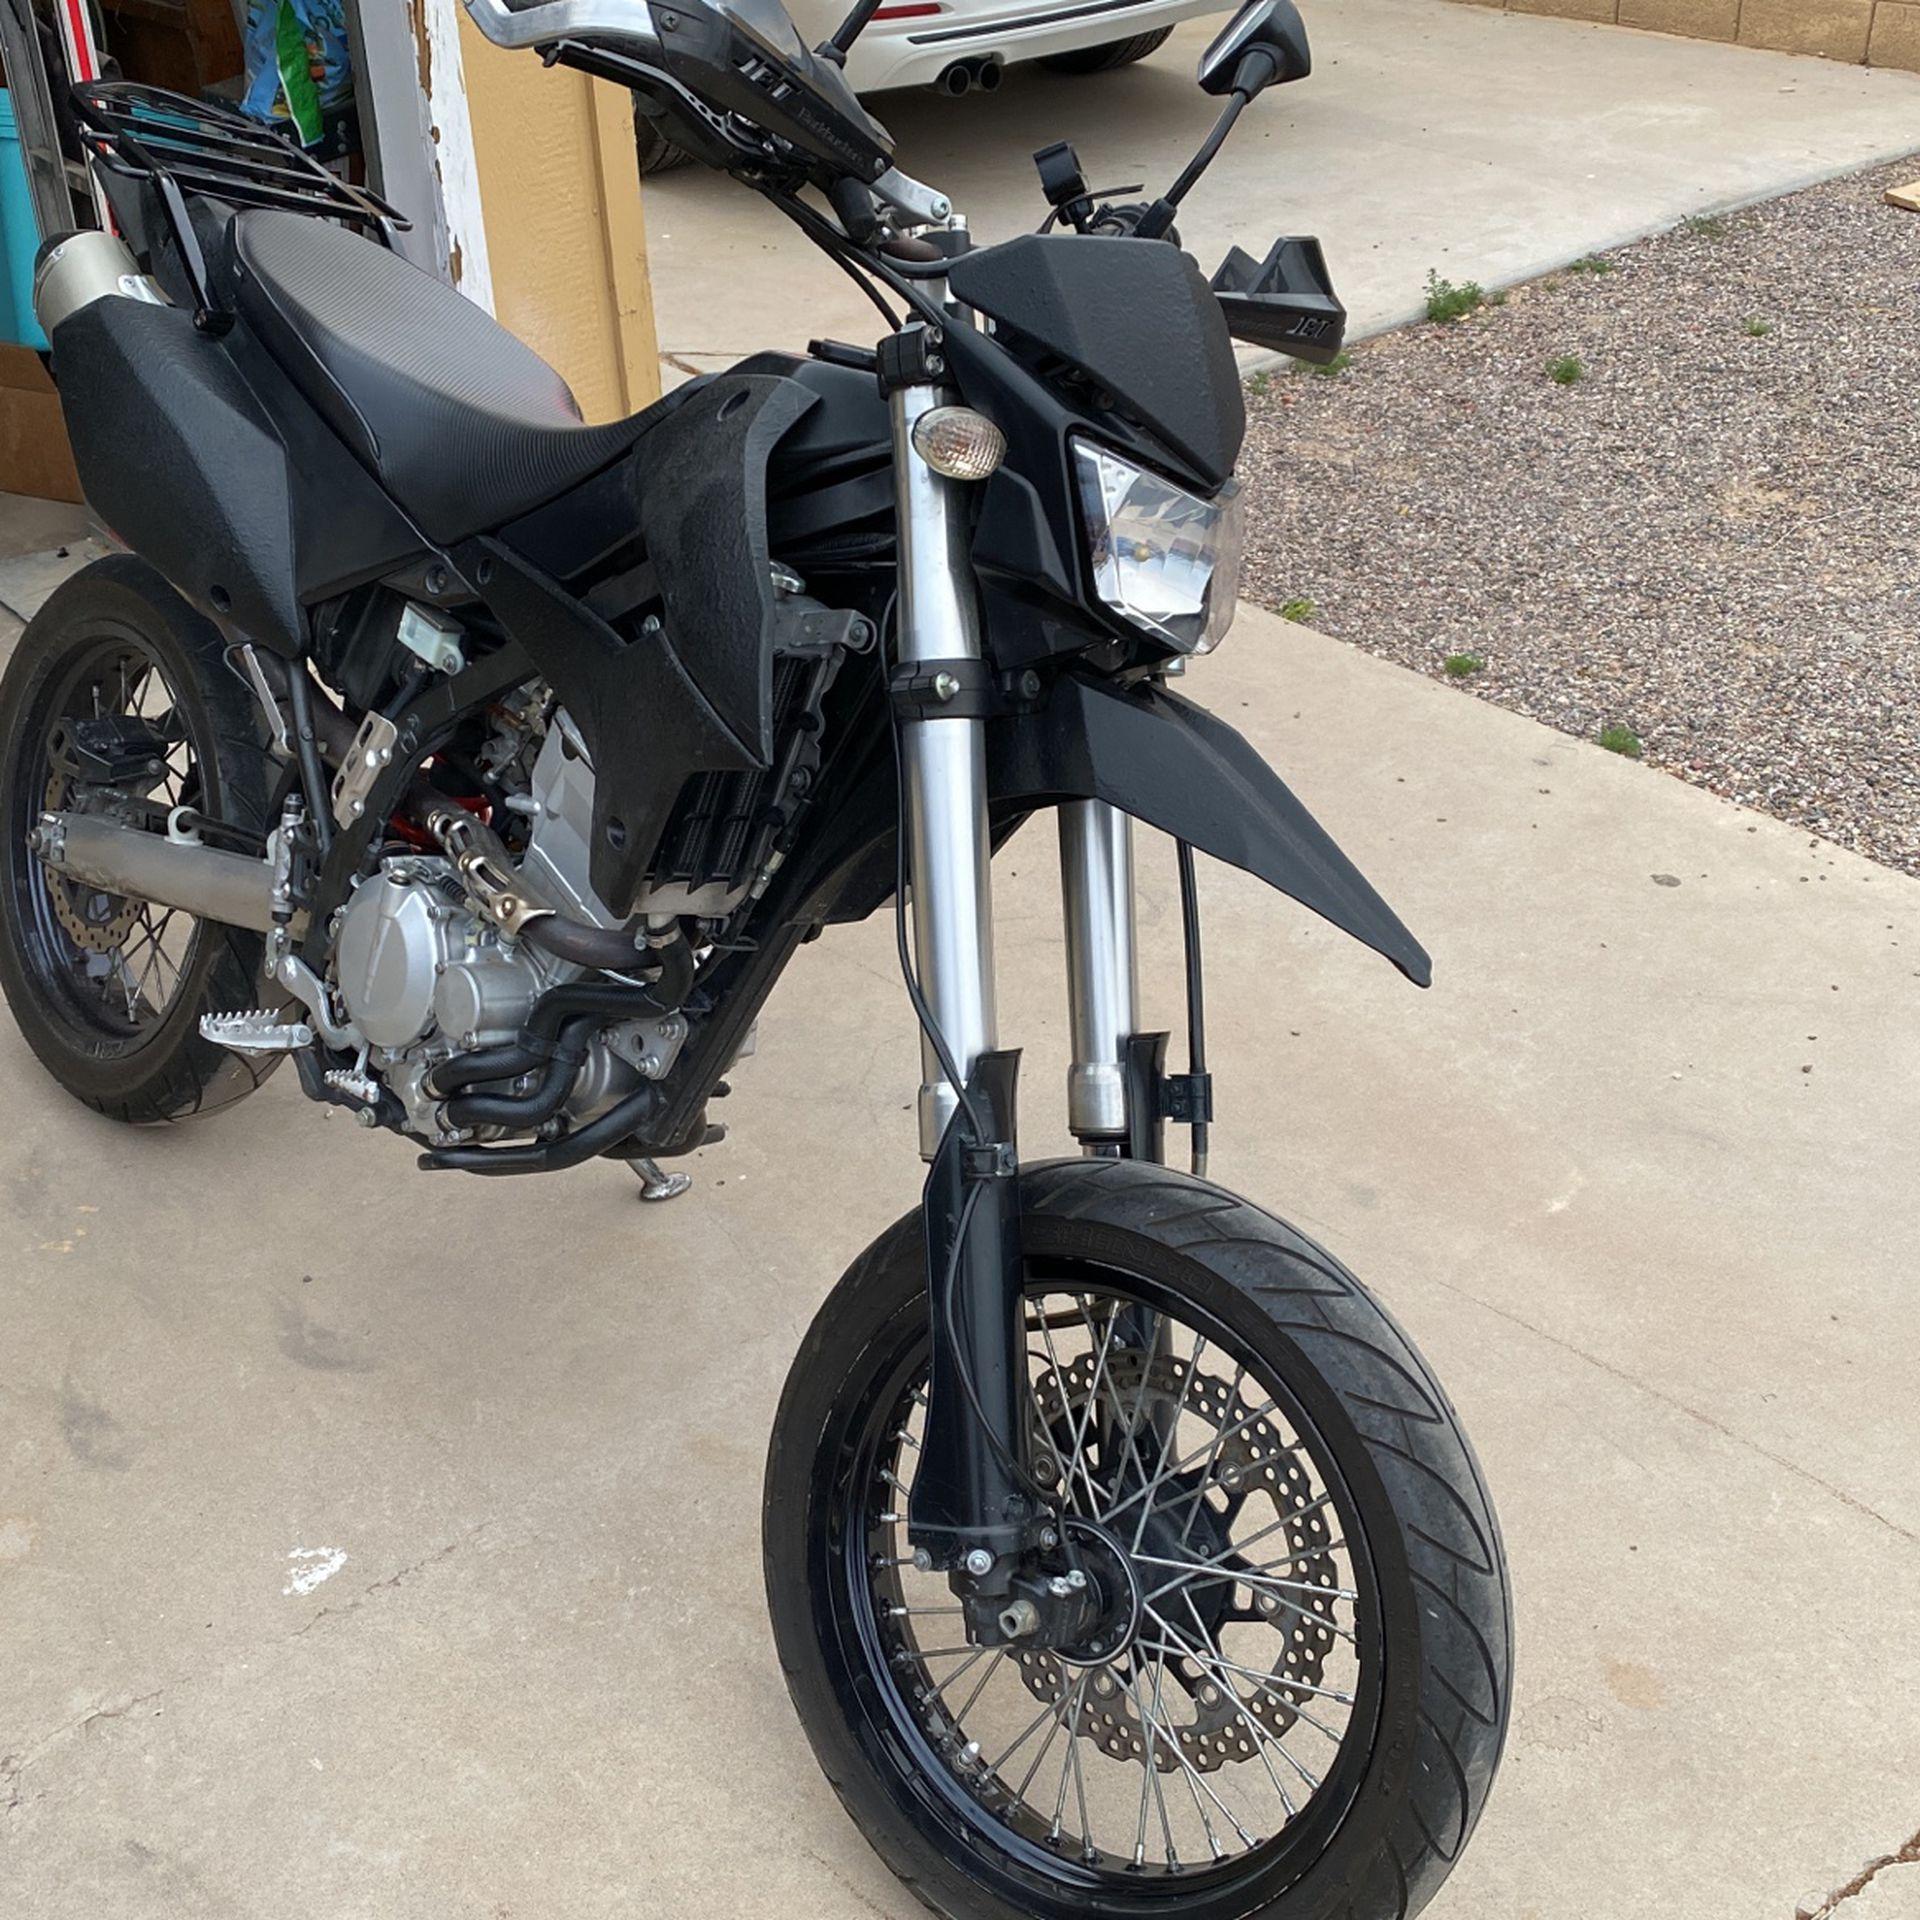 2009 Kawasaki klx 250 sf